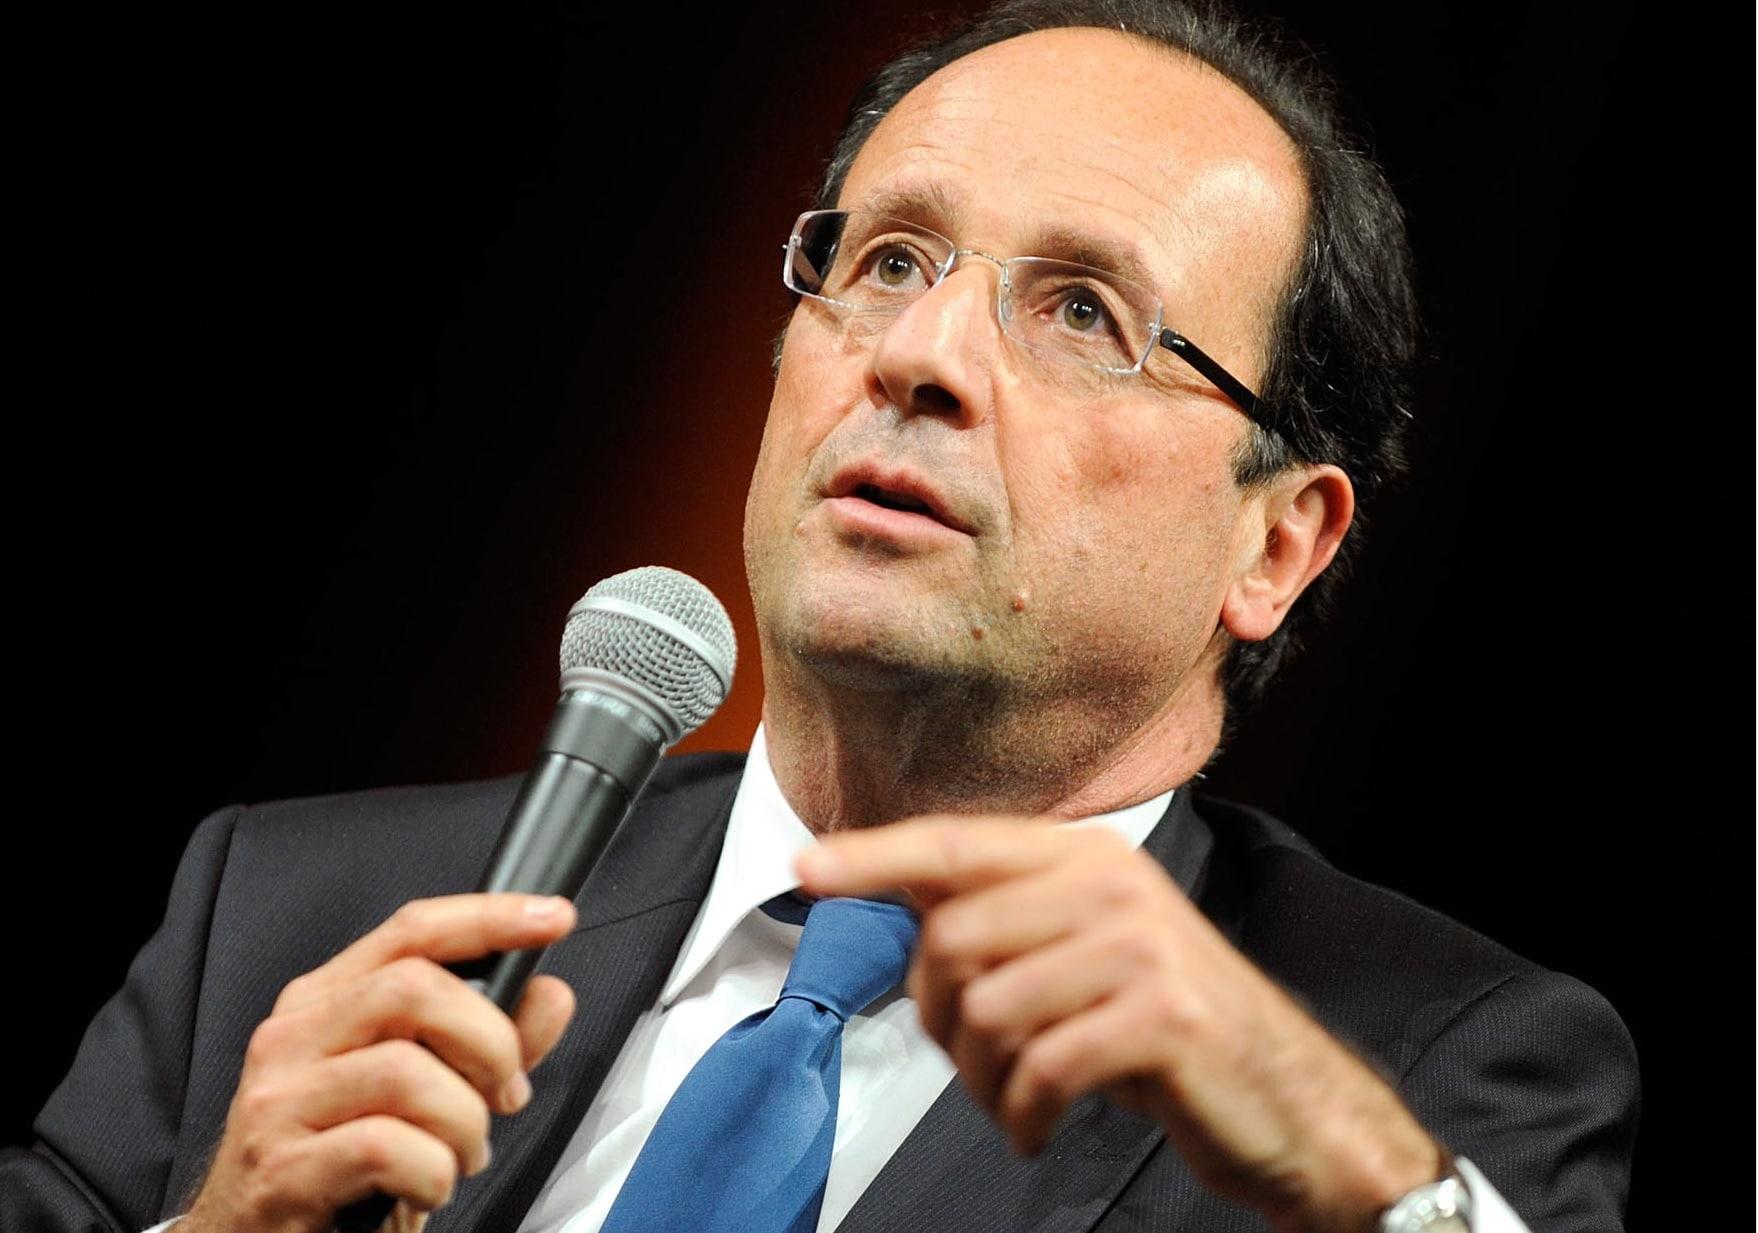 La sémantique circulaire de François Hollande repousse NDDL à 2017. Au mieux.